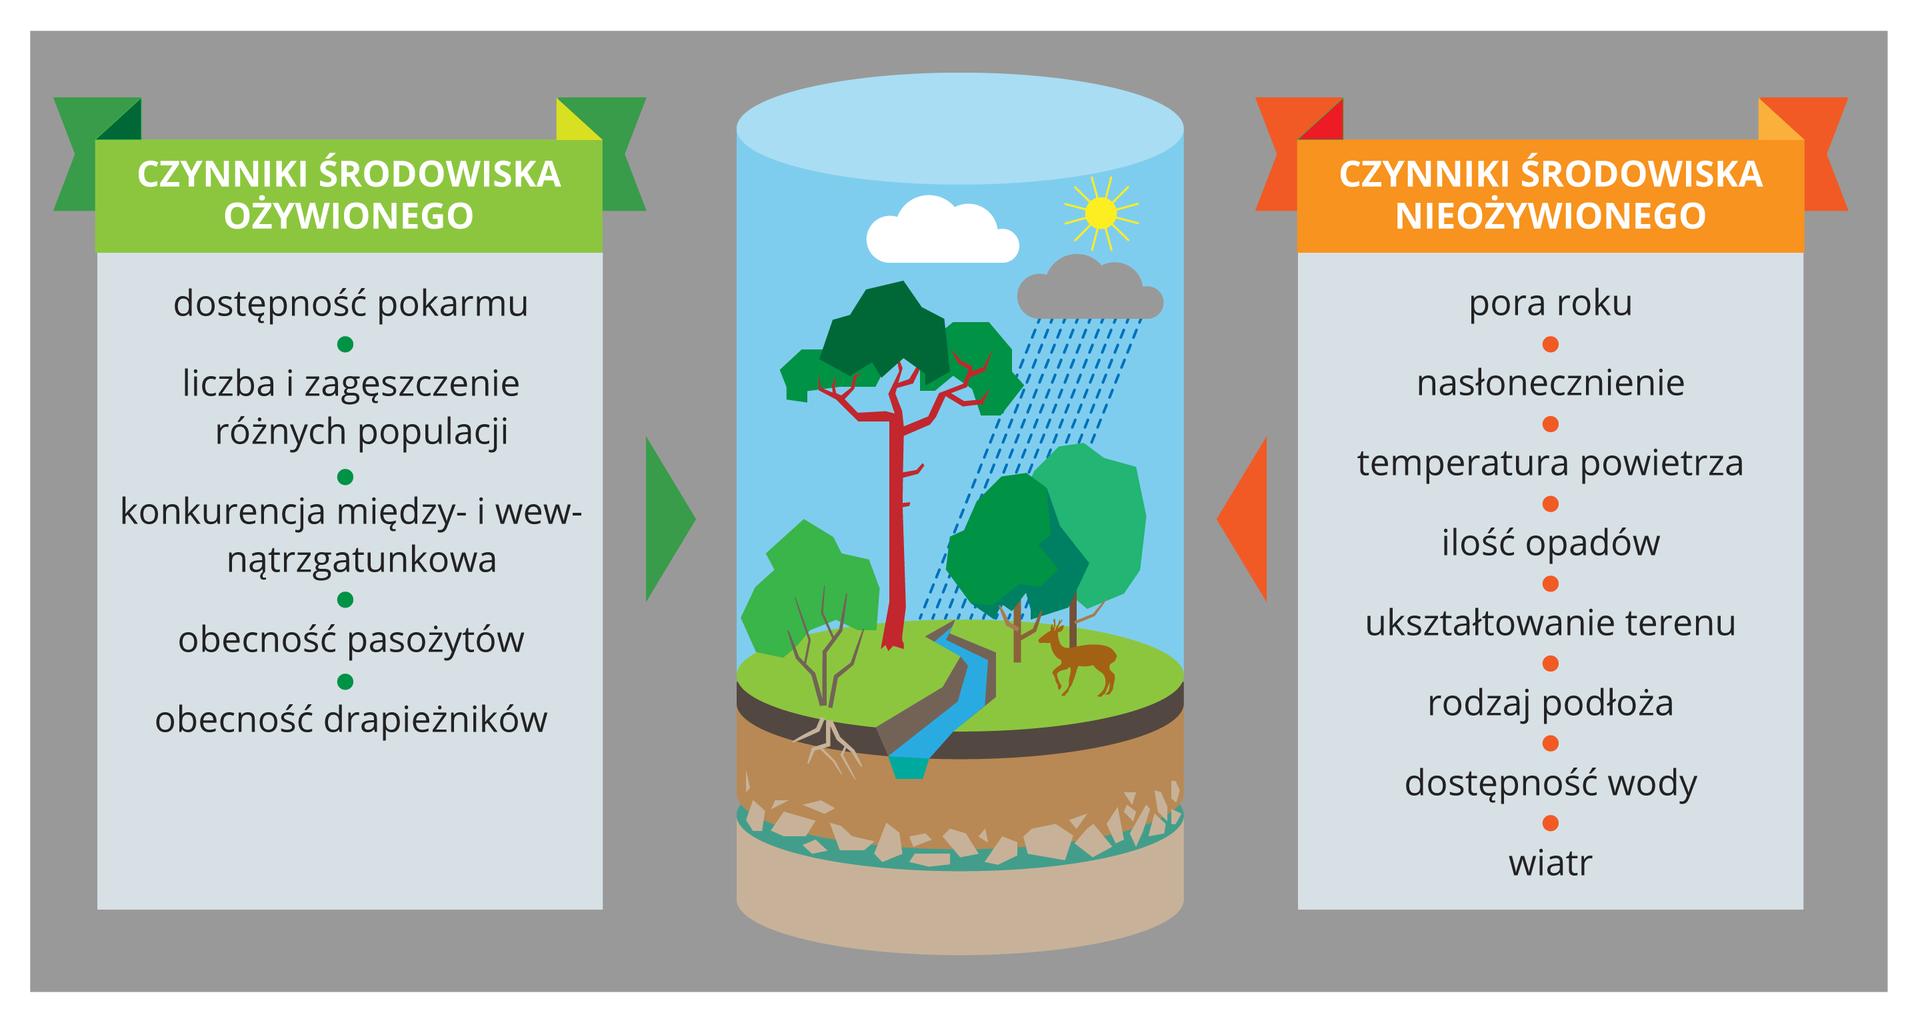 Infografika składa sie z3 części. Po środku znajduje się schemat ekosystemu lasu. Po prawej stronie wymienione są czynniki środowiska nieożywionego takie jak pora roku inasłonecznienie, apo lewej środowiska ożywionego, takie jak zagęszczenie osobników idostepność pokarmu.